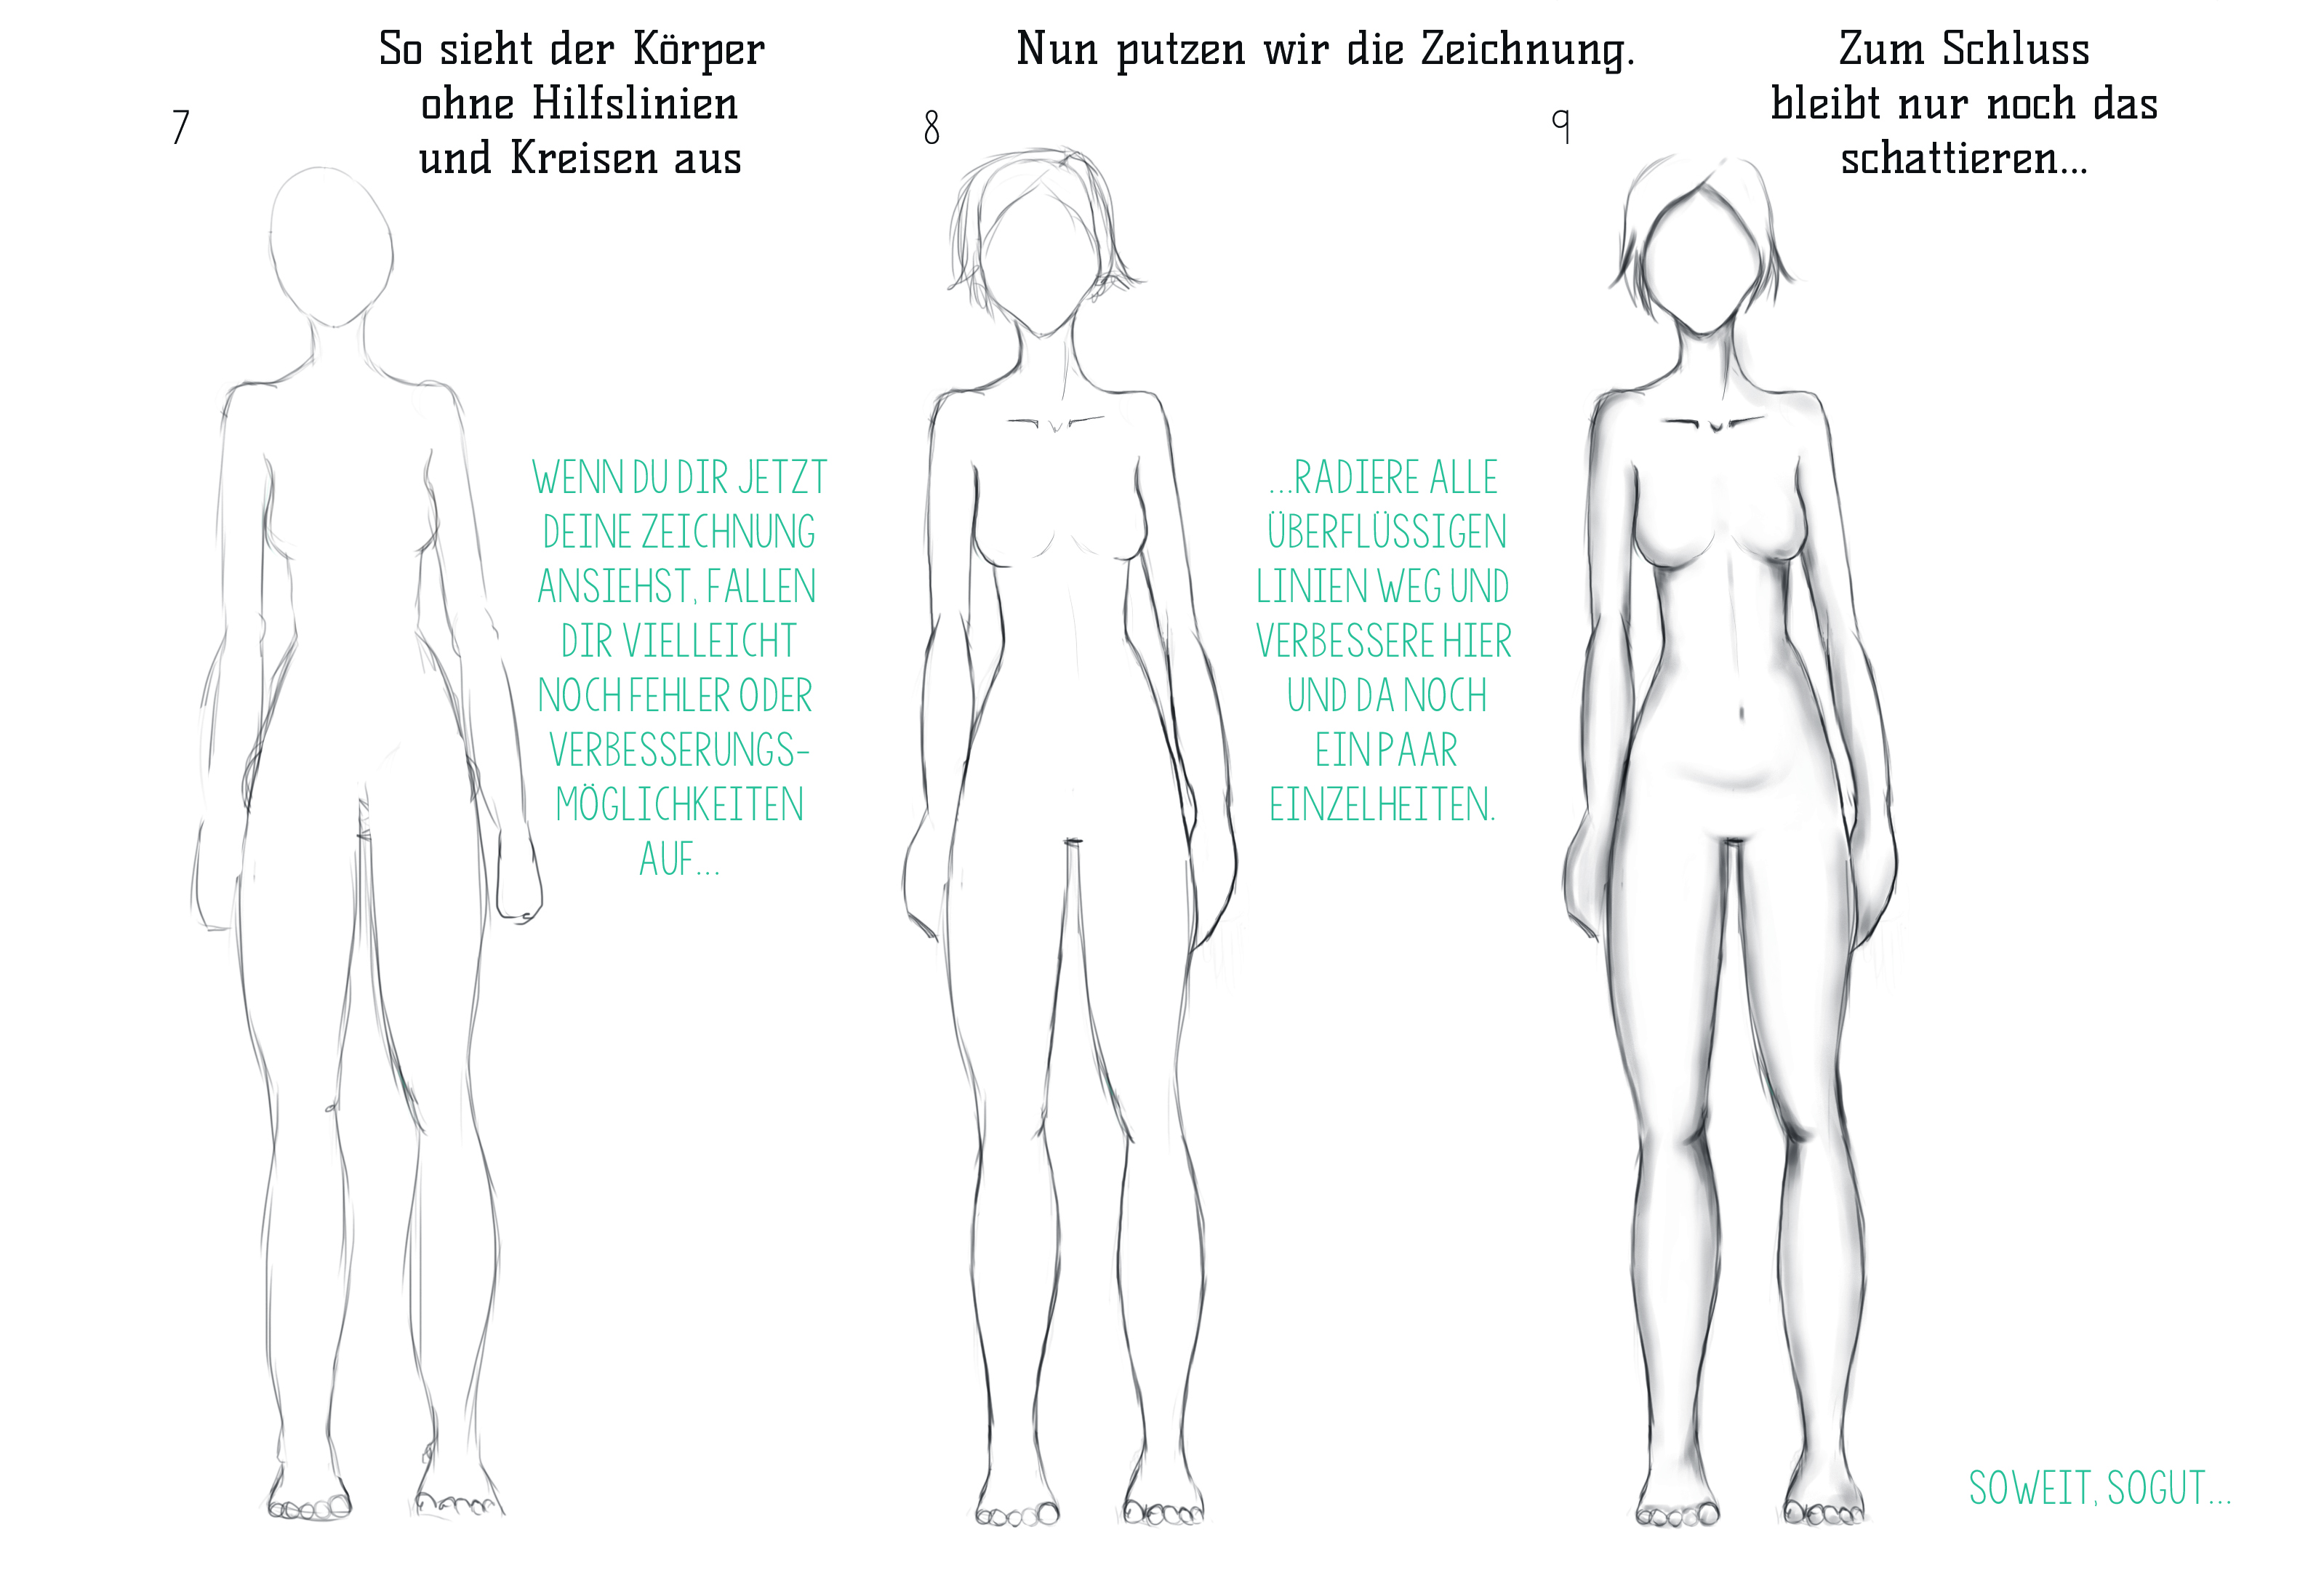 Berühmt Weibliche Anatomie Skizzen Zeitgenössisch - Anatomie Ideen ...